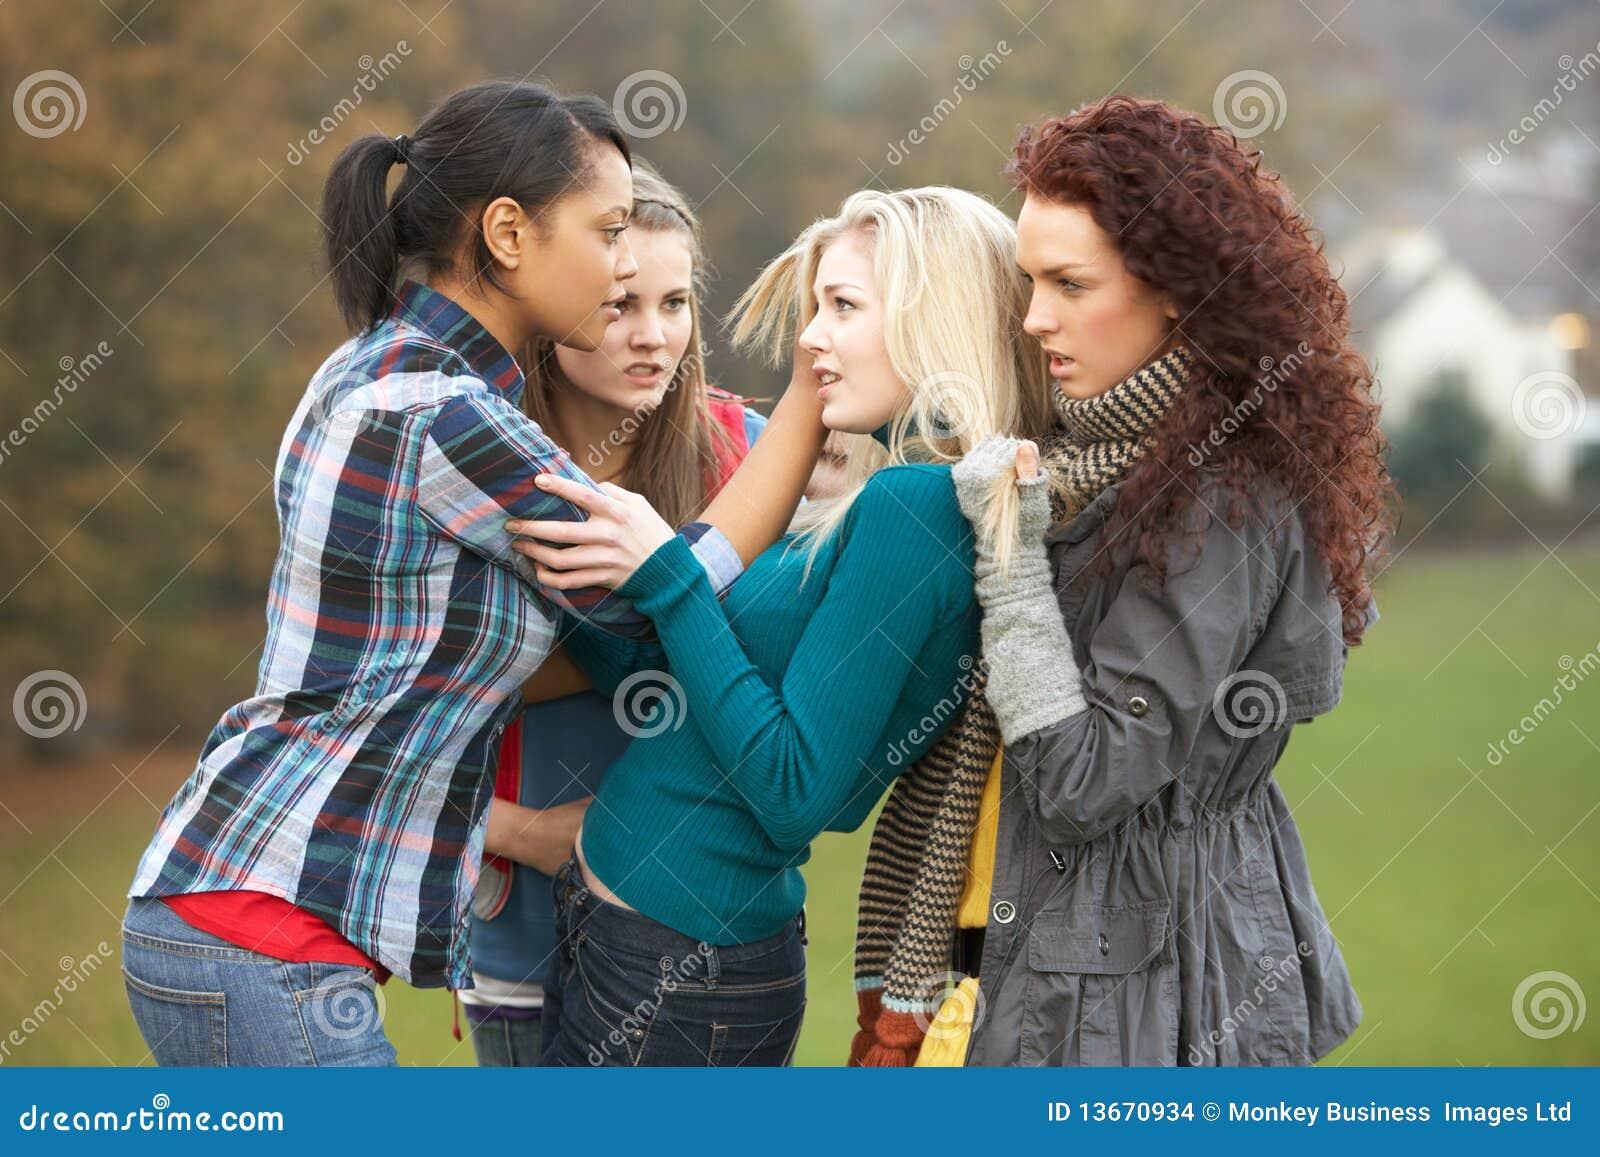 Groep vrouwelijke tieners die meisje intimideren stock foto afbeelding 13670934 - Tiener meisje foto ...